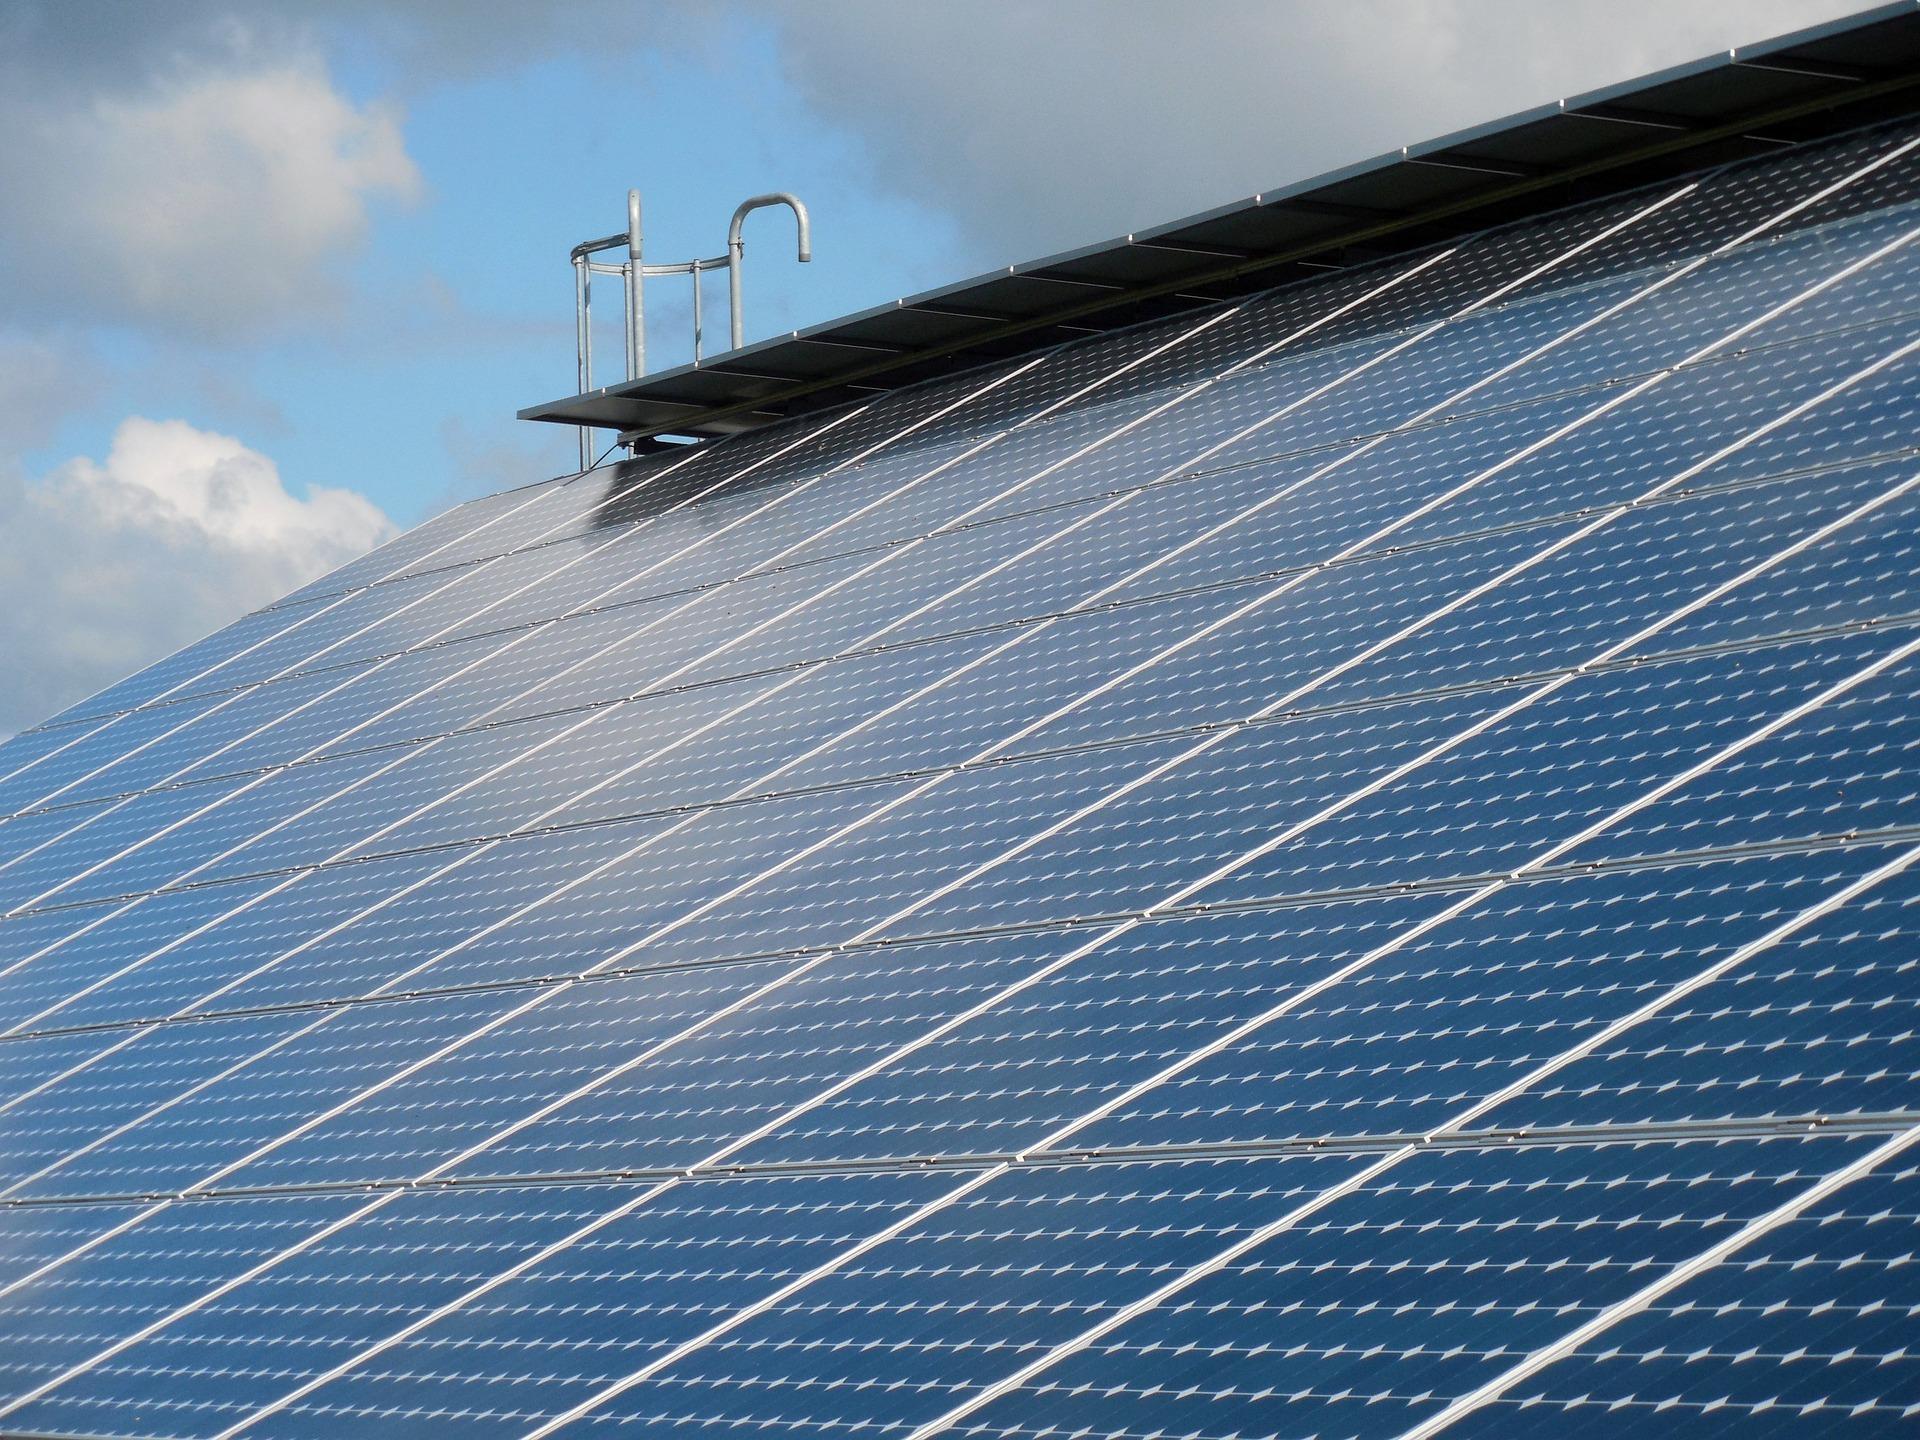 القمة العالمية لطاقة المستقبل بأبوظبي Abu Dhabi تناقش أهداف البيئة والمناخ